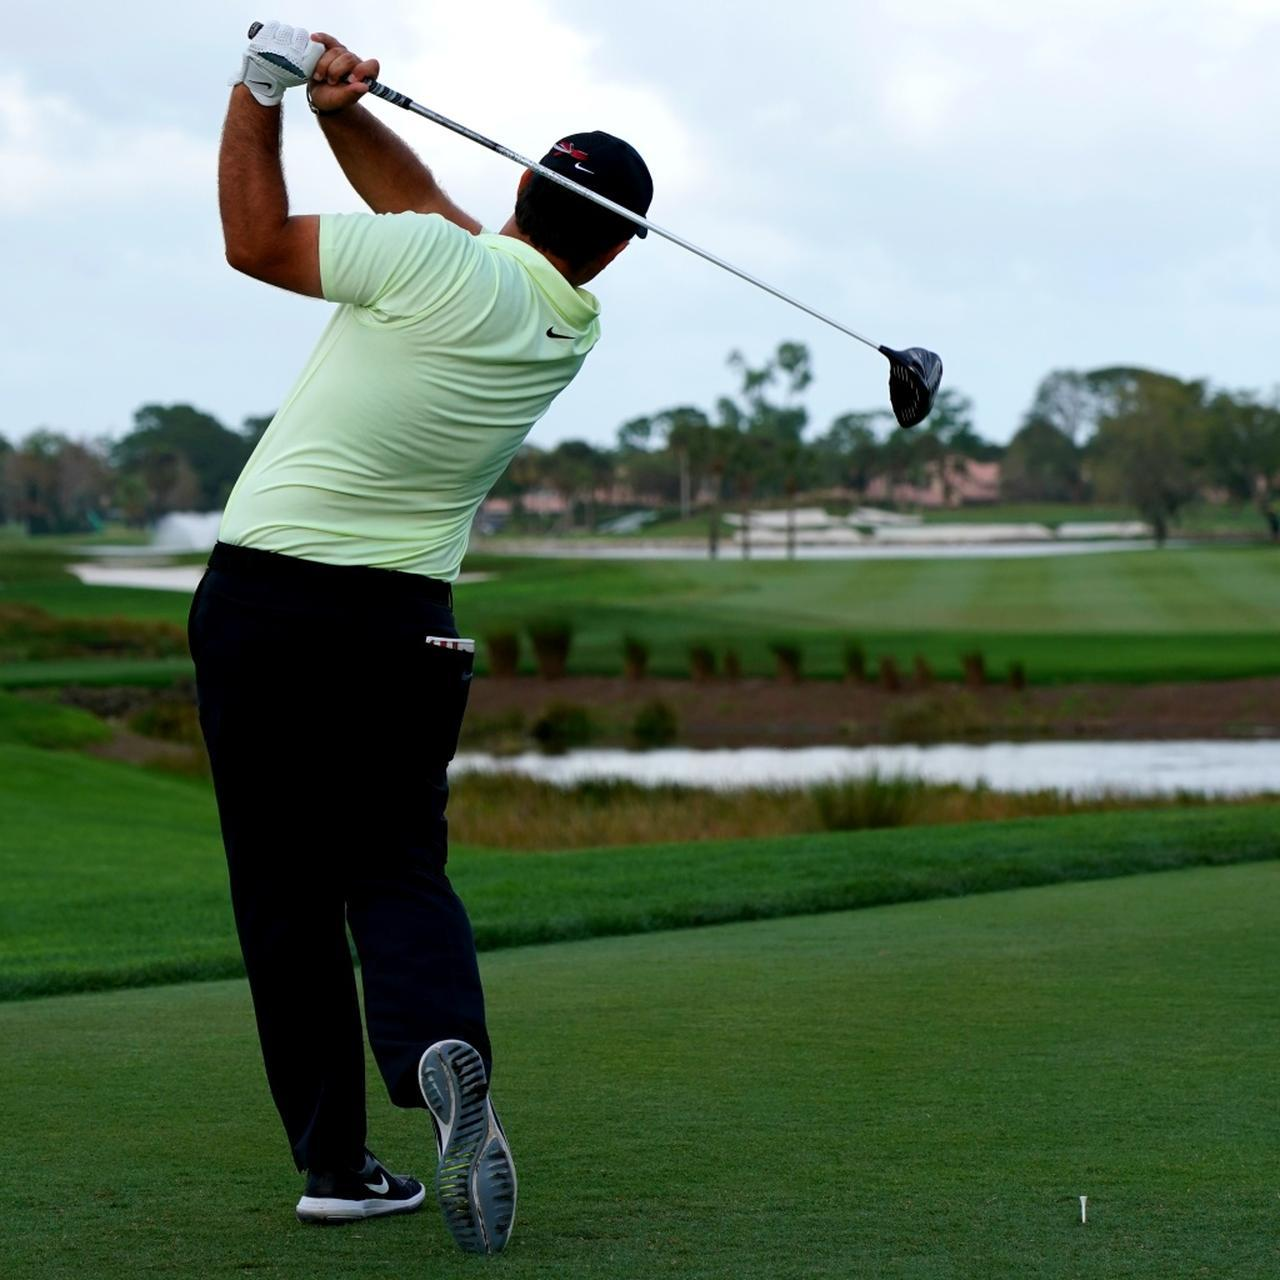 画像7: 【パトリック・リード】天才肌ドローヒッター! 右股関節の上に乗って腕をしっかりローテーション